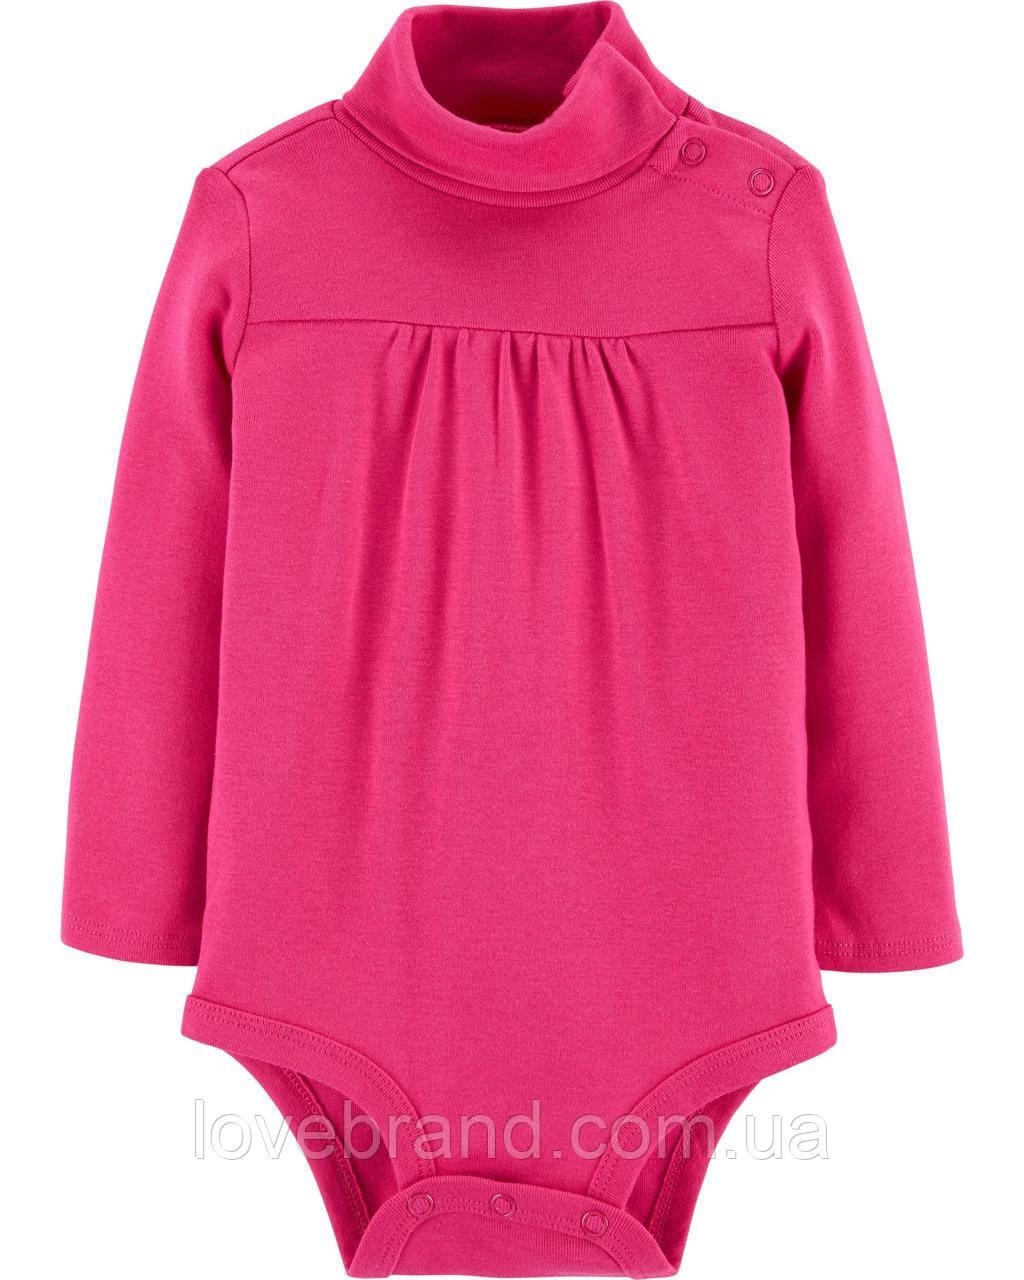 Гольф-боди  для девочки OshKosh (США) розовый, бодик под горло